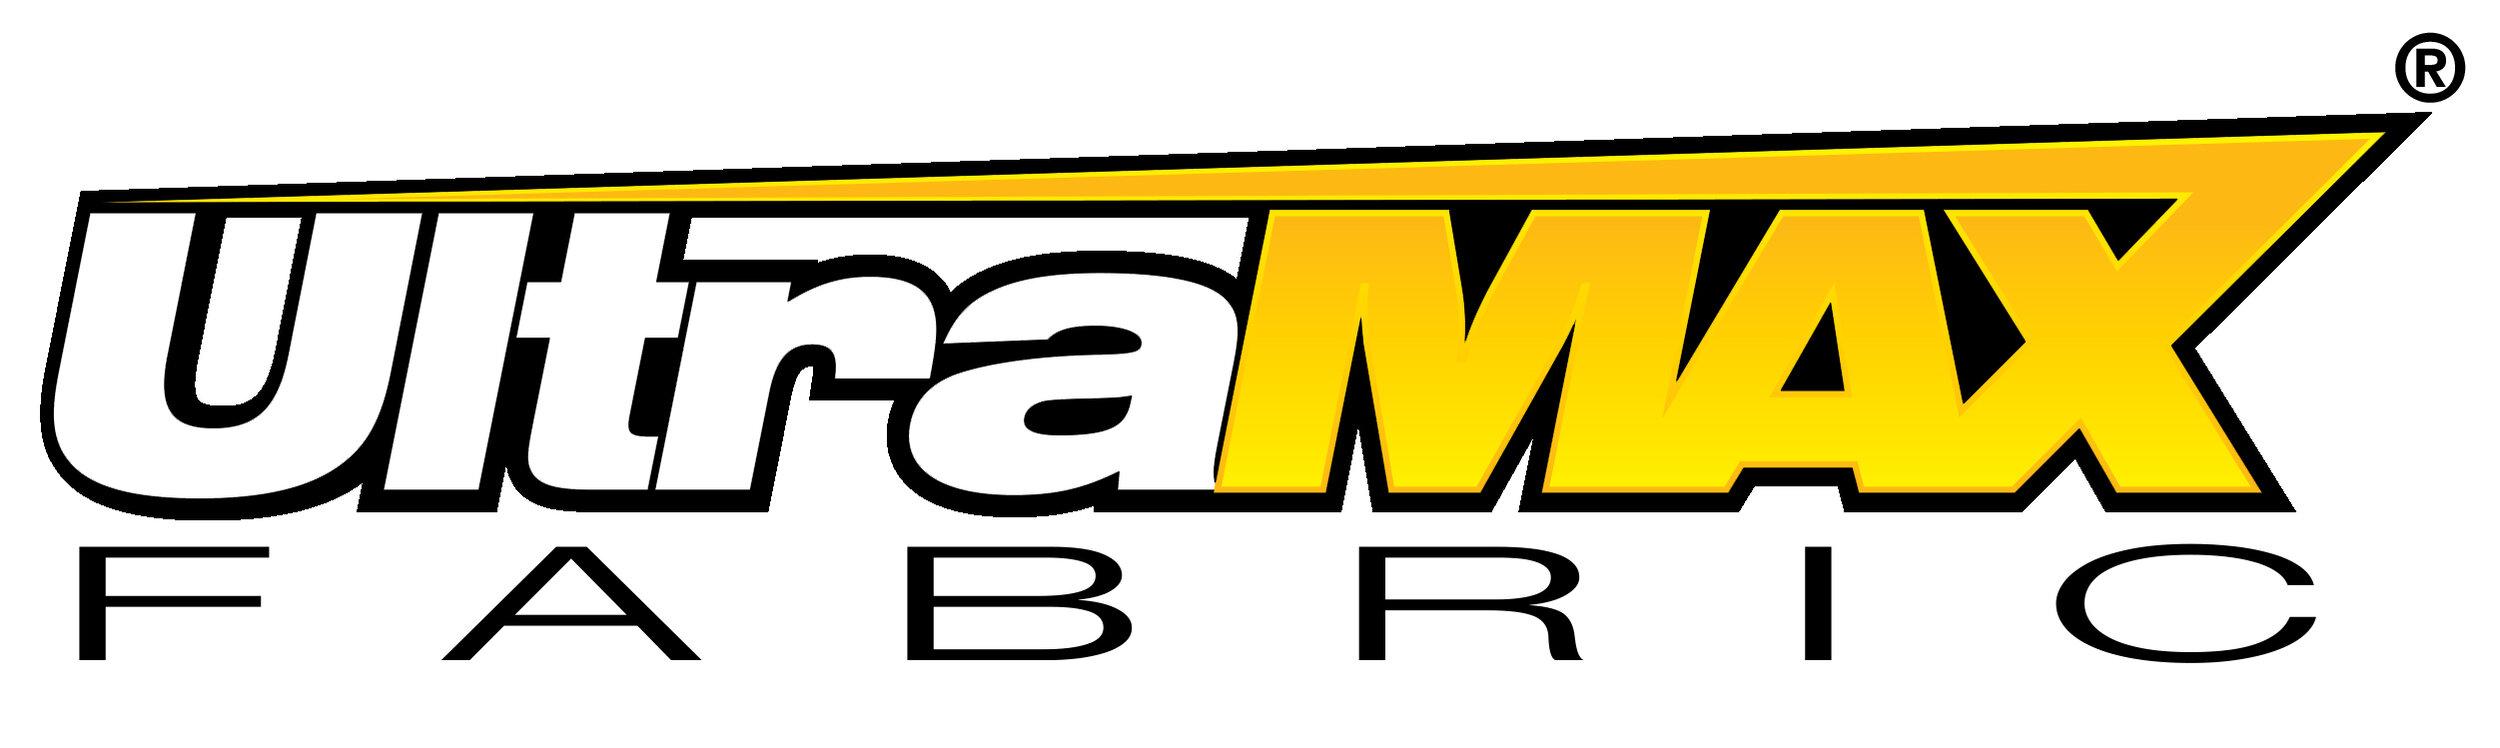 UltraMax Logo.jpg